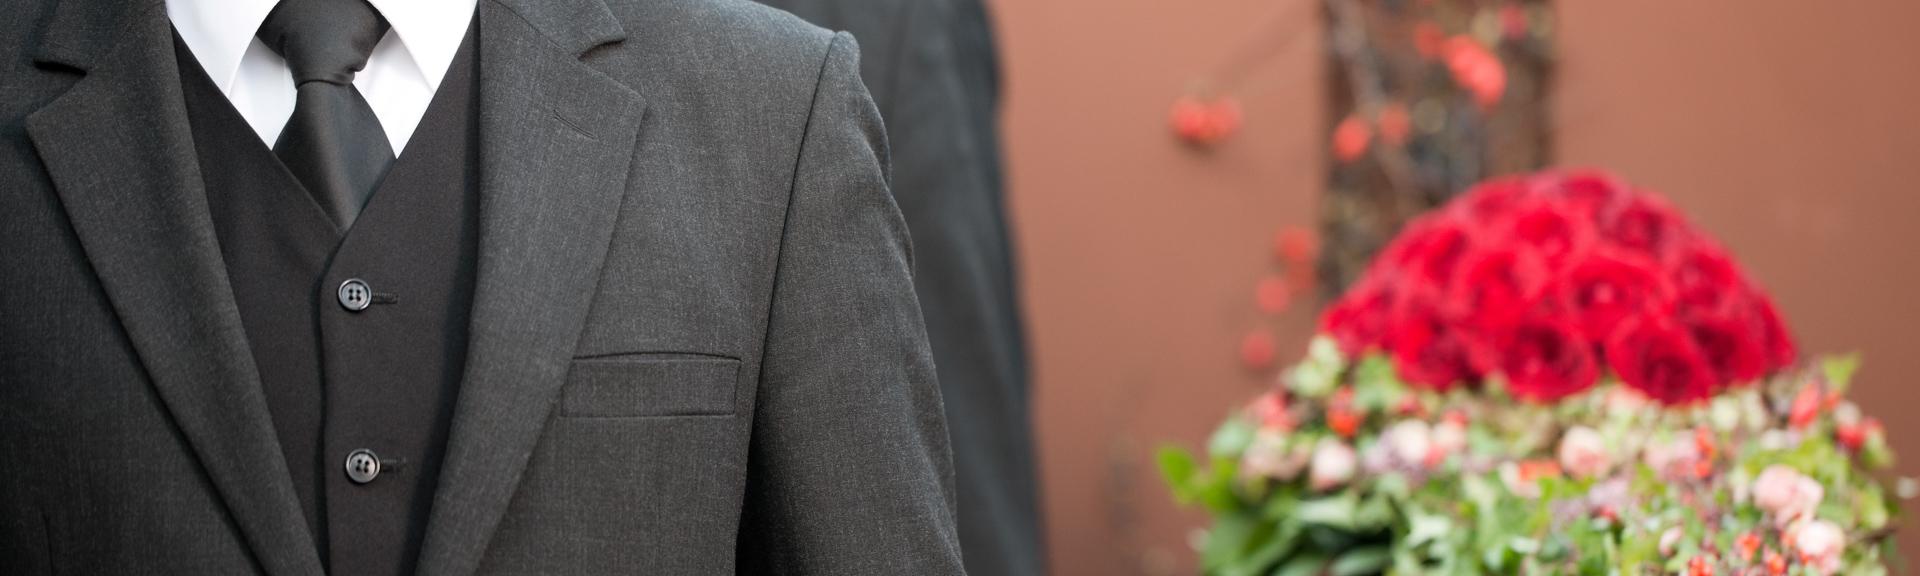 Vid dödsfall - Information för gäster vid begravning - Lund med omnejd - auktoriserade-begravningsbyraer-38